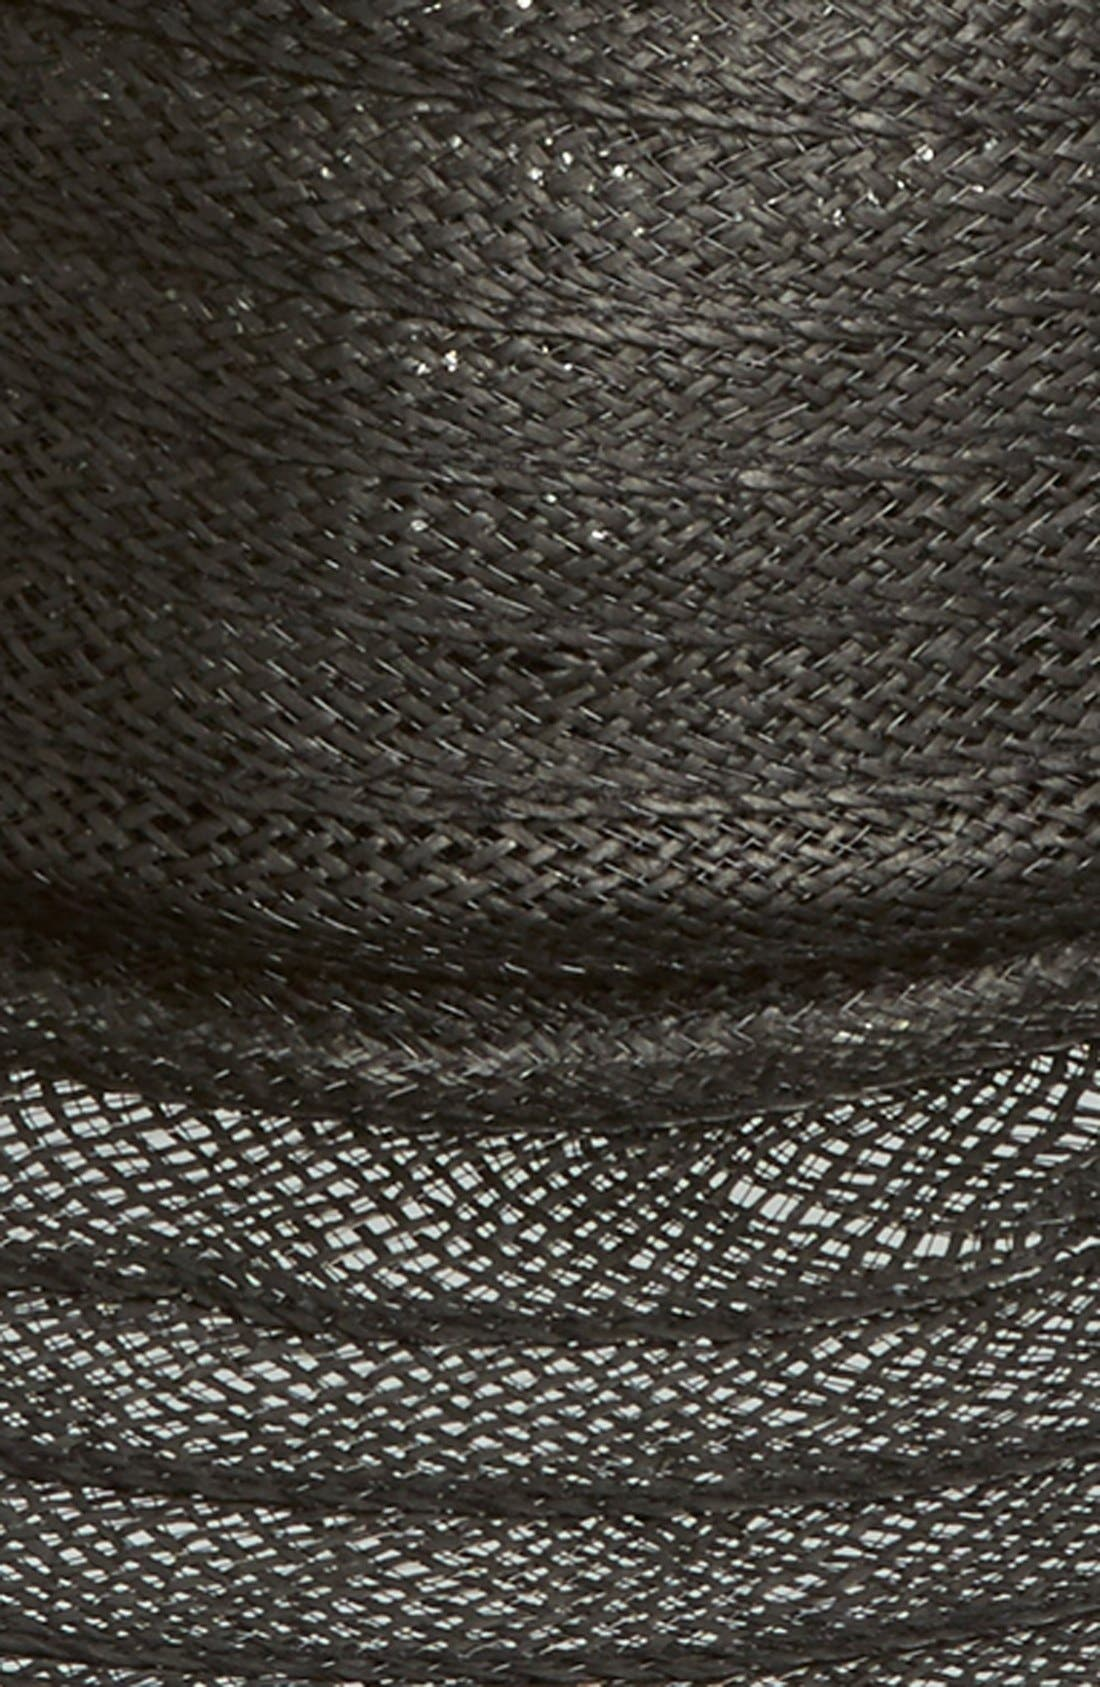 Alternate Image 2  - Nordstrom Floppy Straw Hat